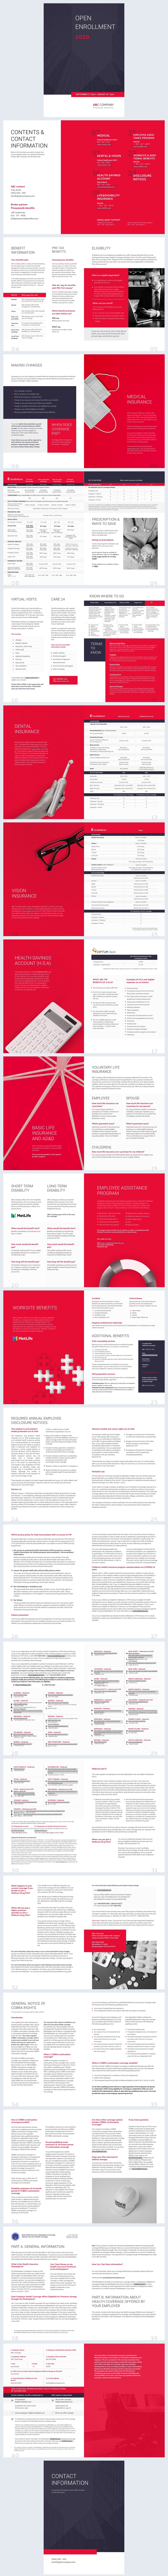 Ejemplo de diseño gratuito para guía de prestaciones laborales